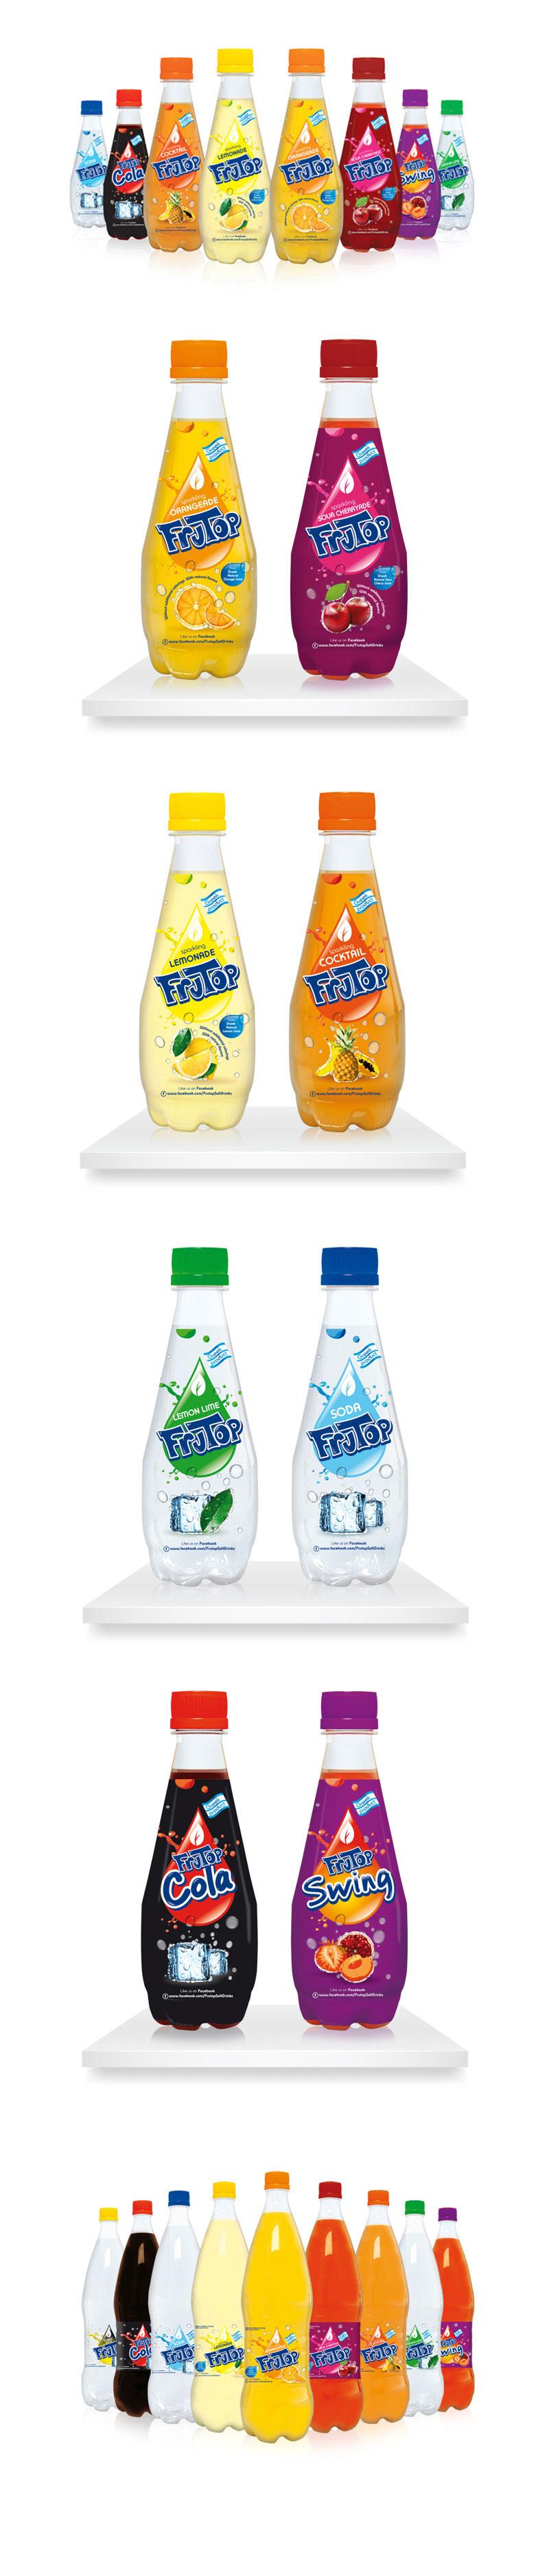 Frutop_bottles